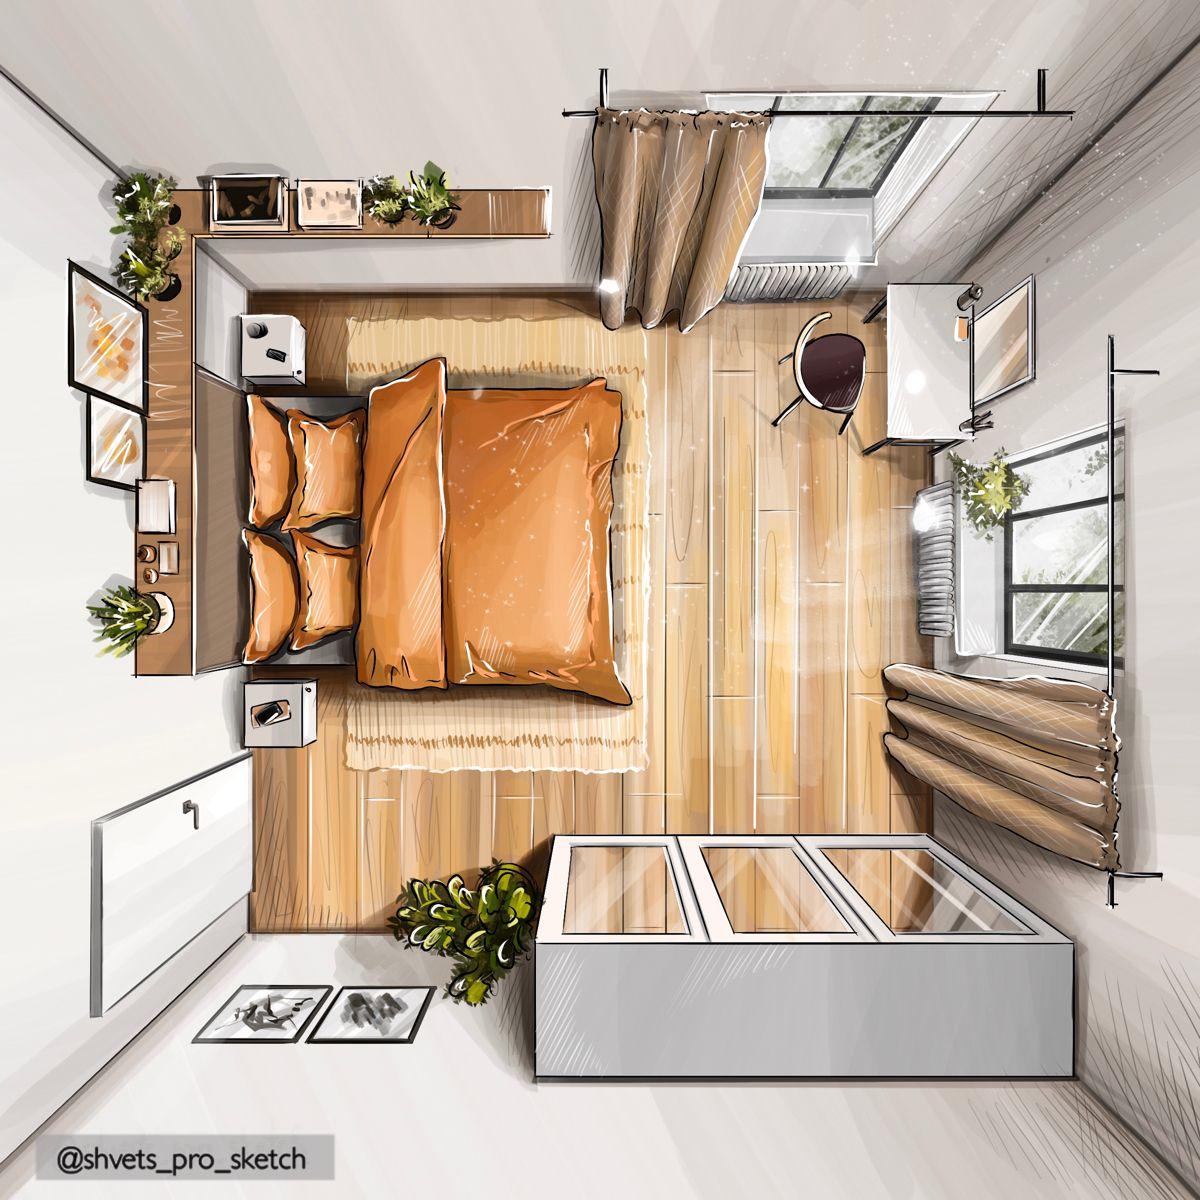 Interior sketch plan